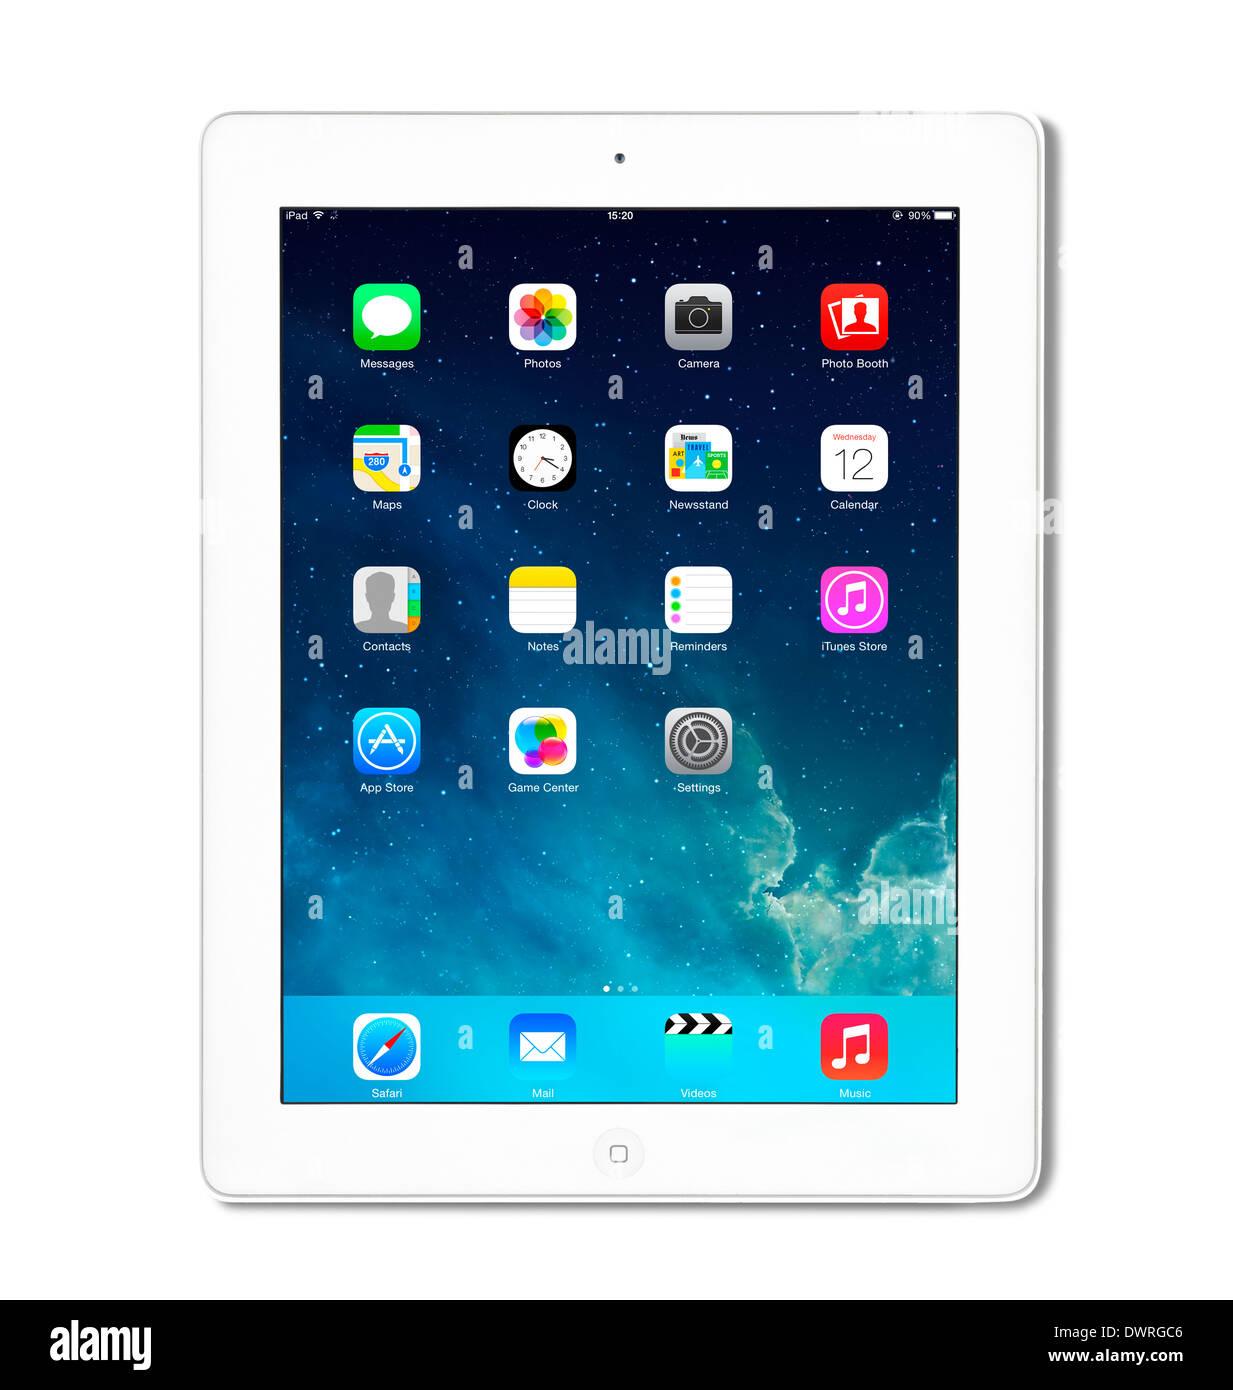 IOS 7.1 pantalla de inicio en un Apple iPad 4ª generación retina display tablet pc Imagen De Stock